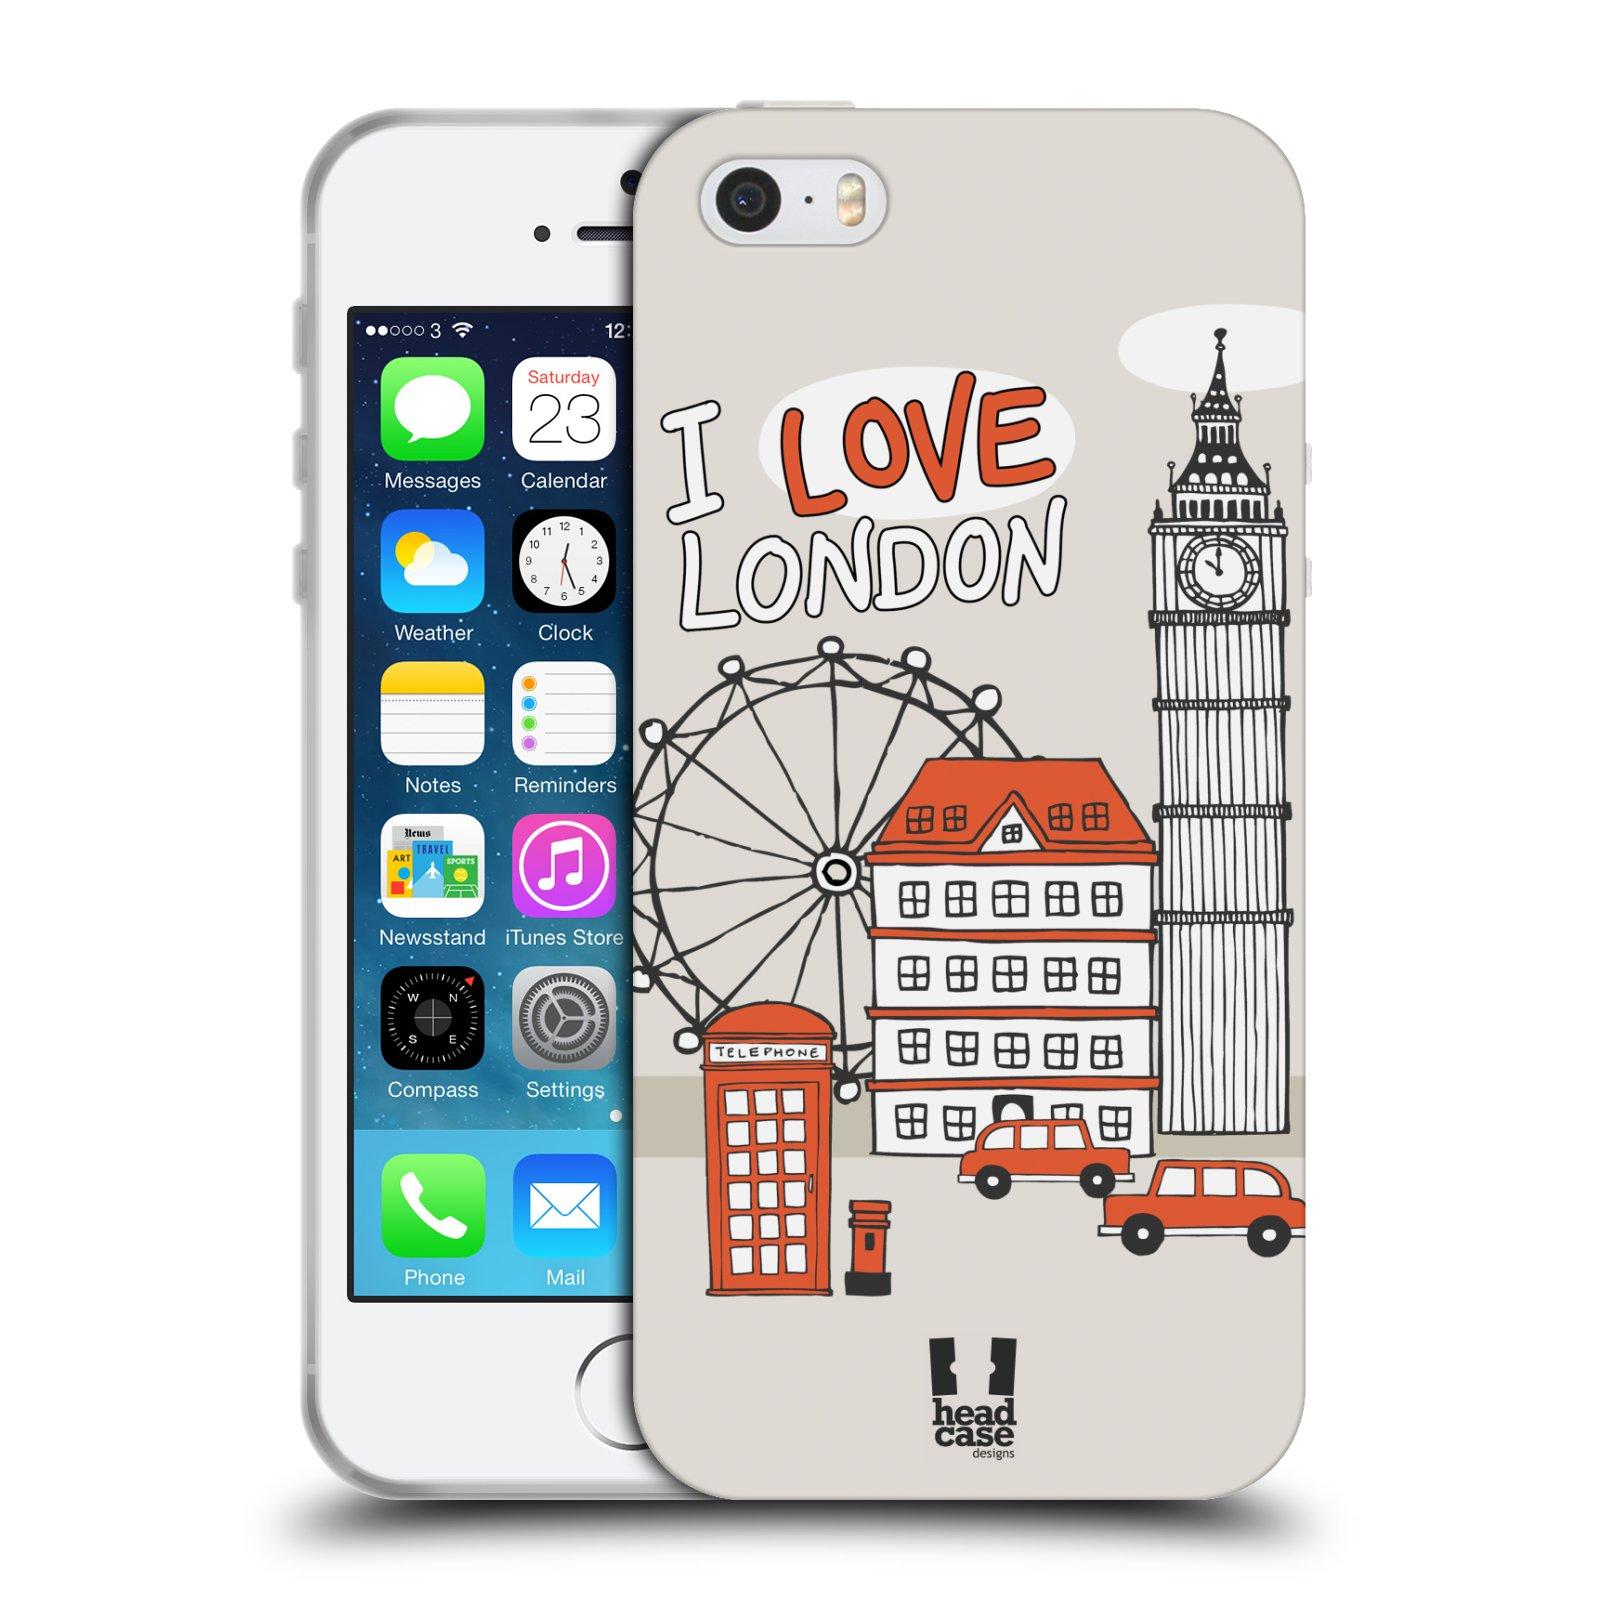 HEAD CASE silikonový obal na mobil Apple Iphone 5/5S vzor Kreslená městečka ČERVENÁ, Anglie, Londýn, I LOVE LONDON